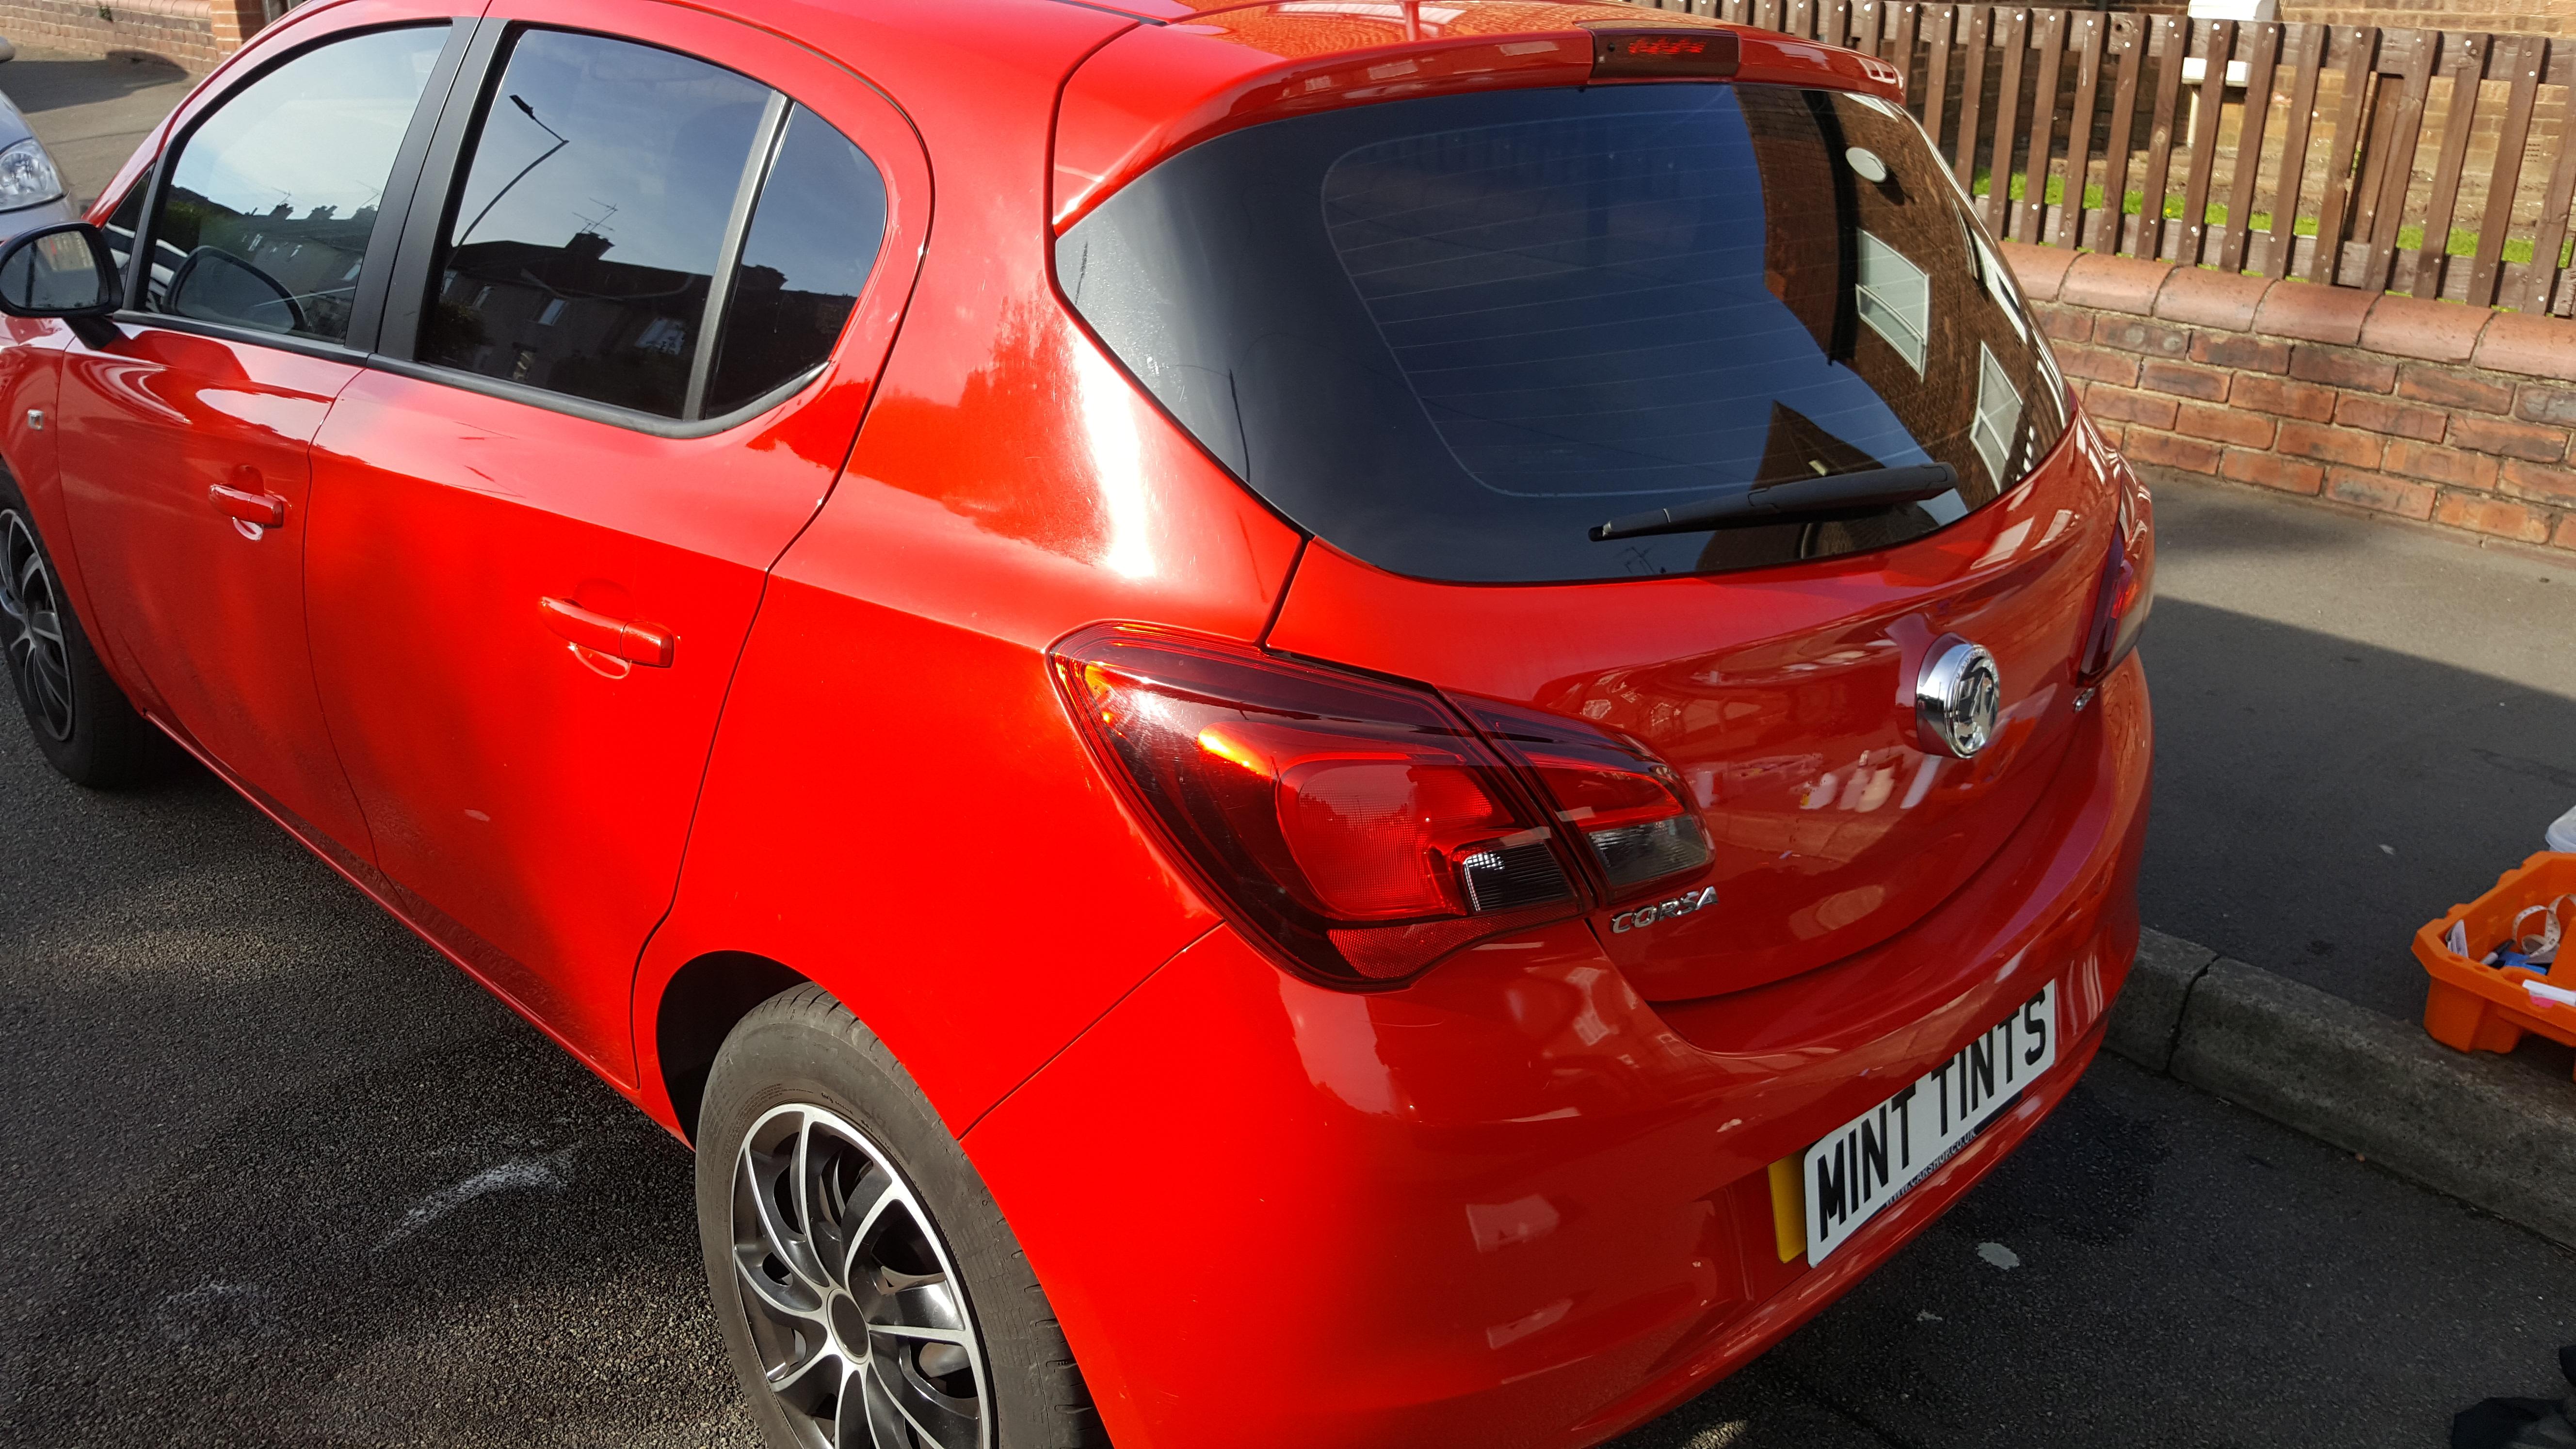 Vauxhall Corsa - 20% Dark Smoke Tint